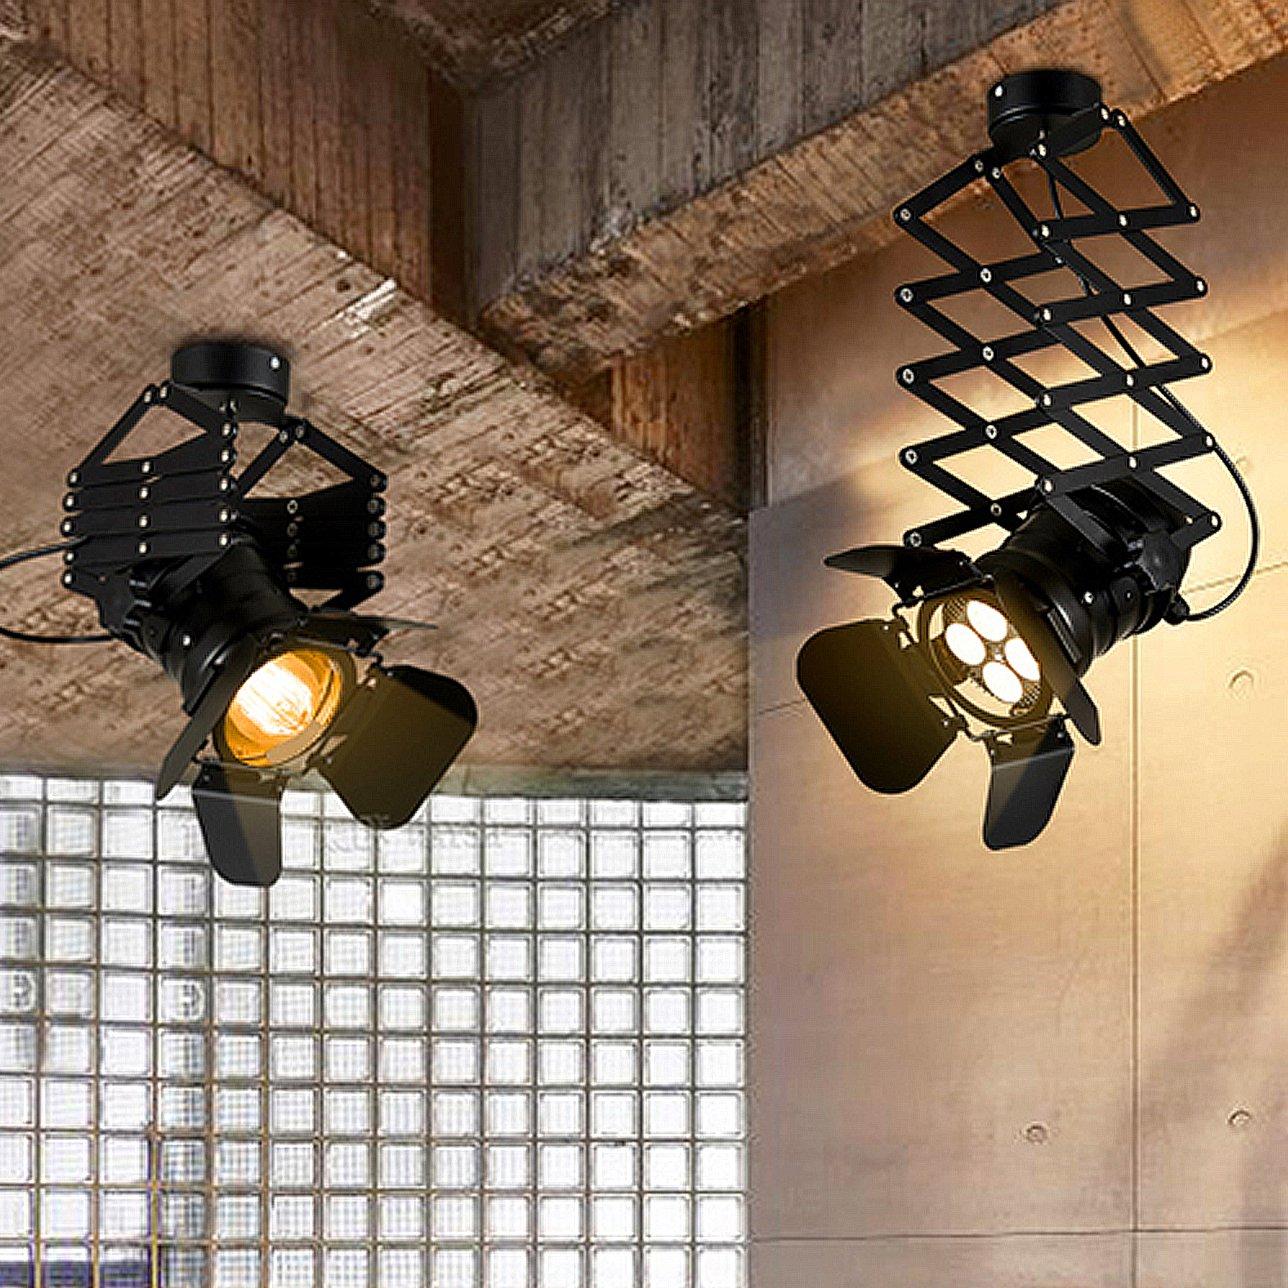 JINYU vintage industrial Lámpara Extensible Colgante Techo for Bar Restaurante Salón Lámparas de techo proyectores (bombilla no incluida)